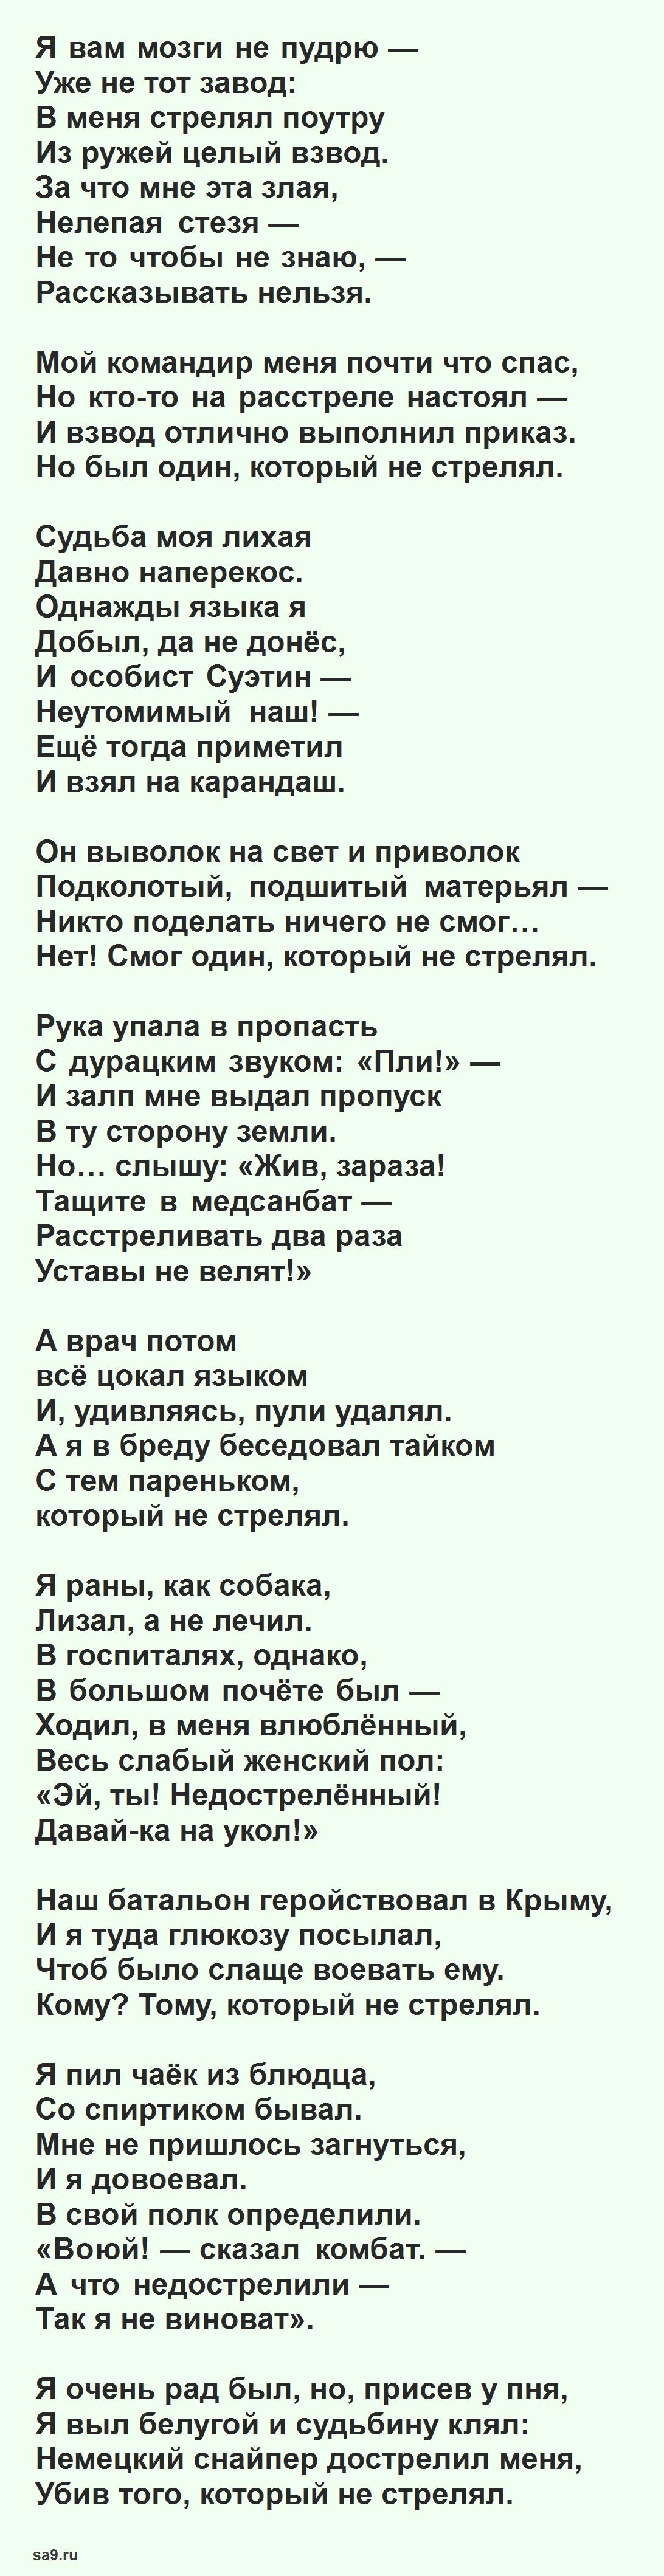 Читаем лучшие стихи Высоцкого о войне - Тот кто не стрелял